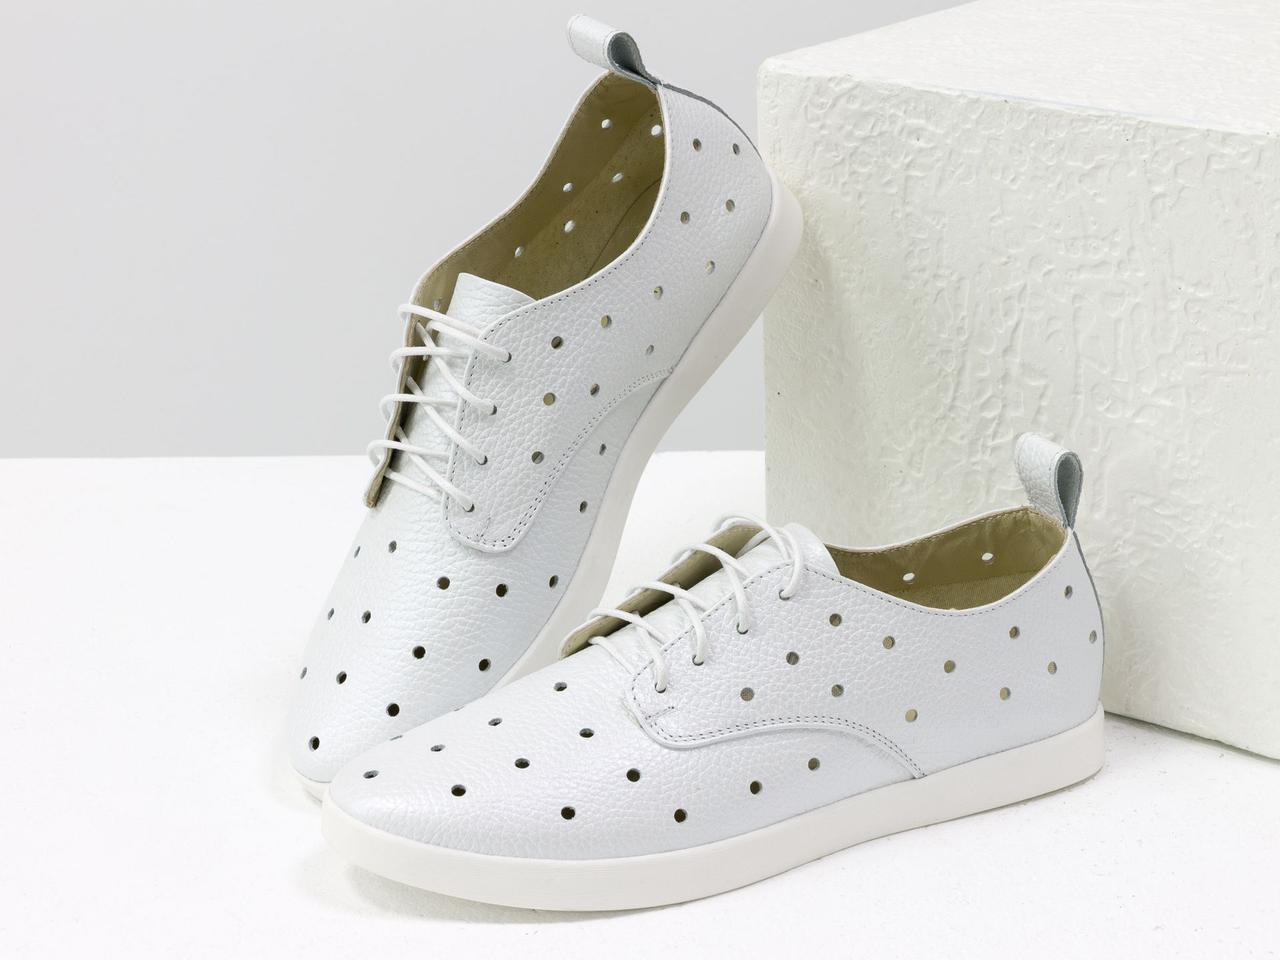 Легкие туфли из натуральной кожи белого цвета с перфорацией по всей поверхности 39 - фото 4